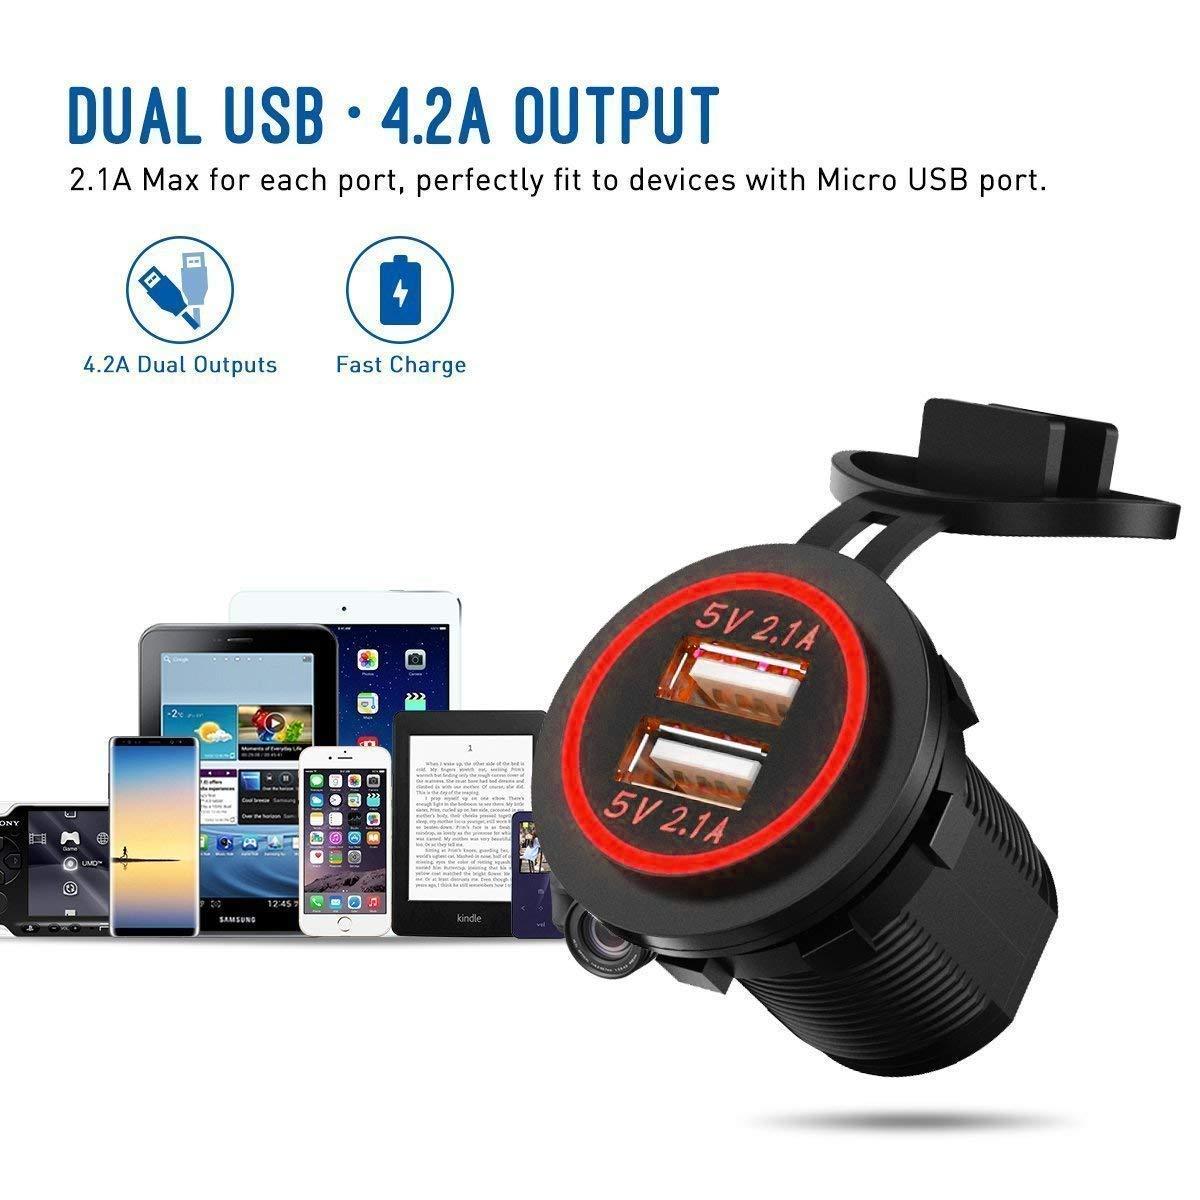 Mise /à Niveau Double Prise de Chargeur de Voiture USB 4.2A /étanche Power Prise de Courant Rouge LED Adaptateur de Chargeur de Voiture Rapide pour 12 V~24 V V/éhicules Moto SUV Camion Caravane Marine